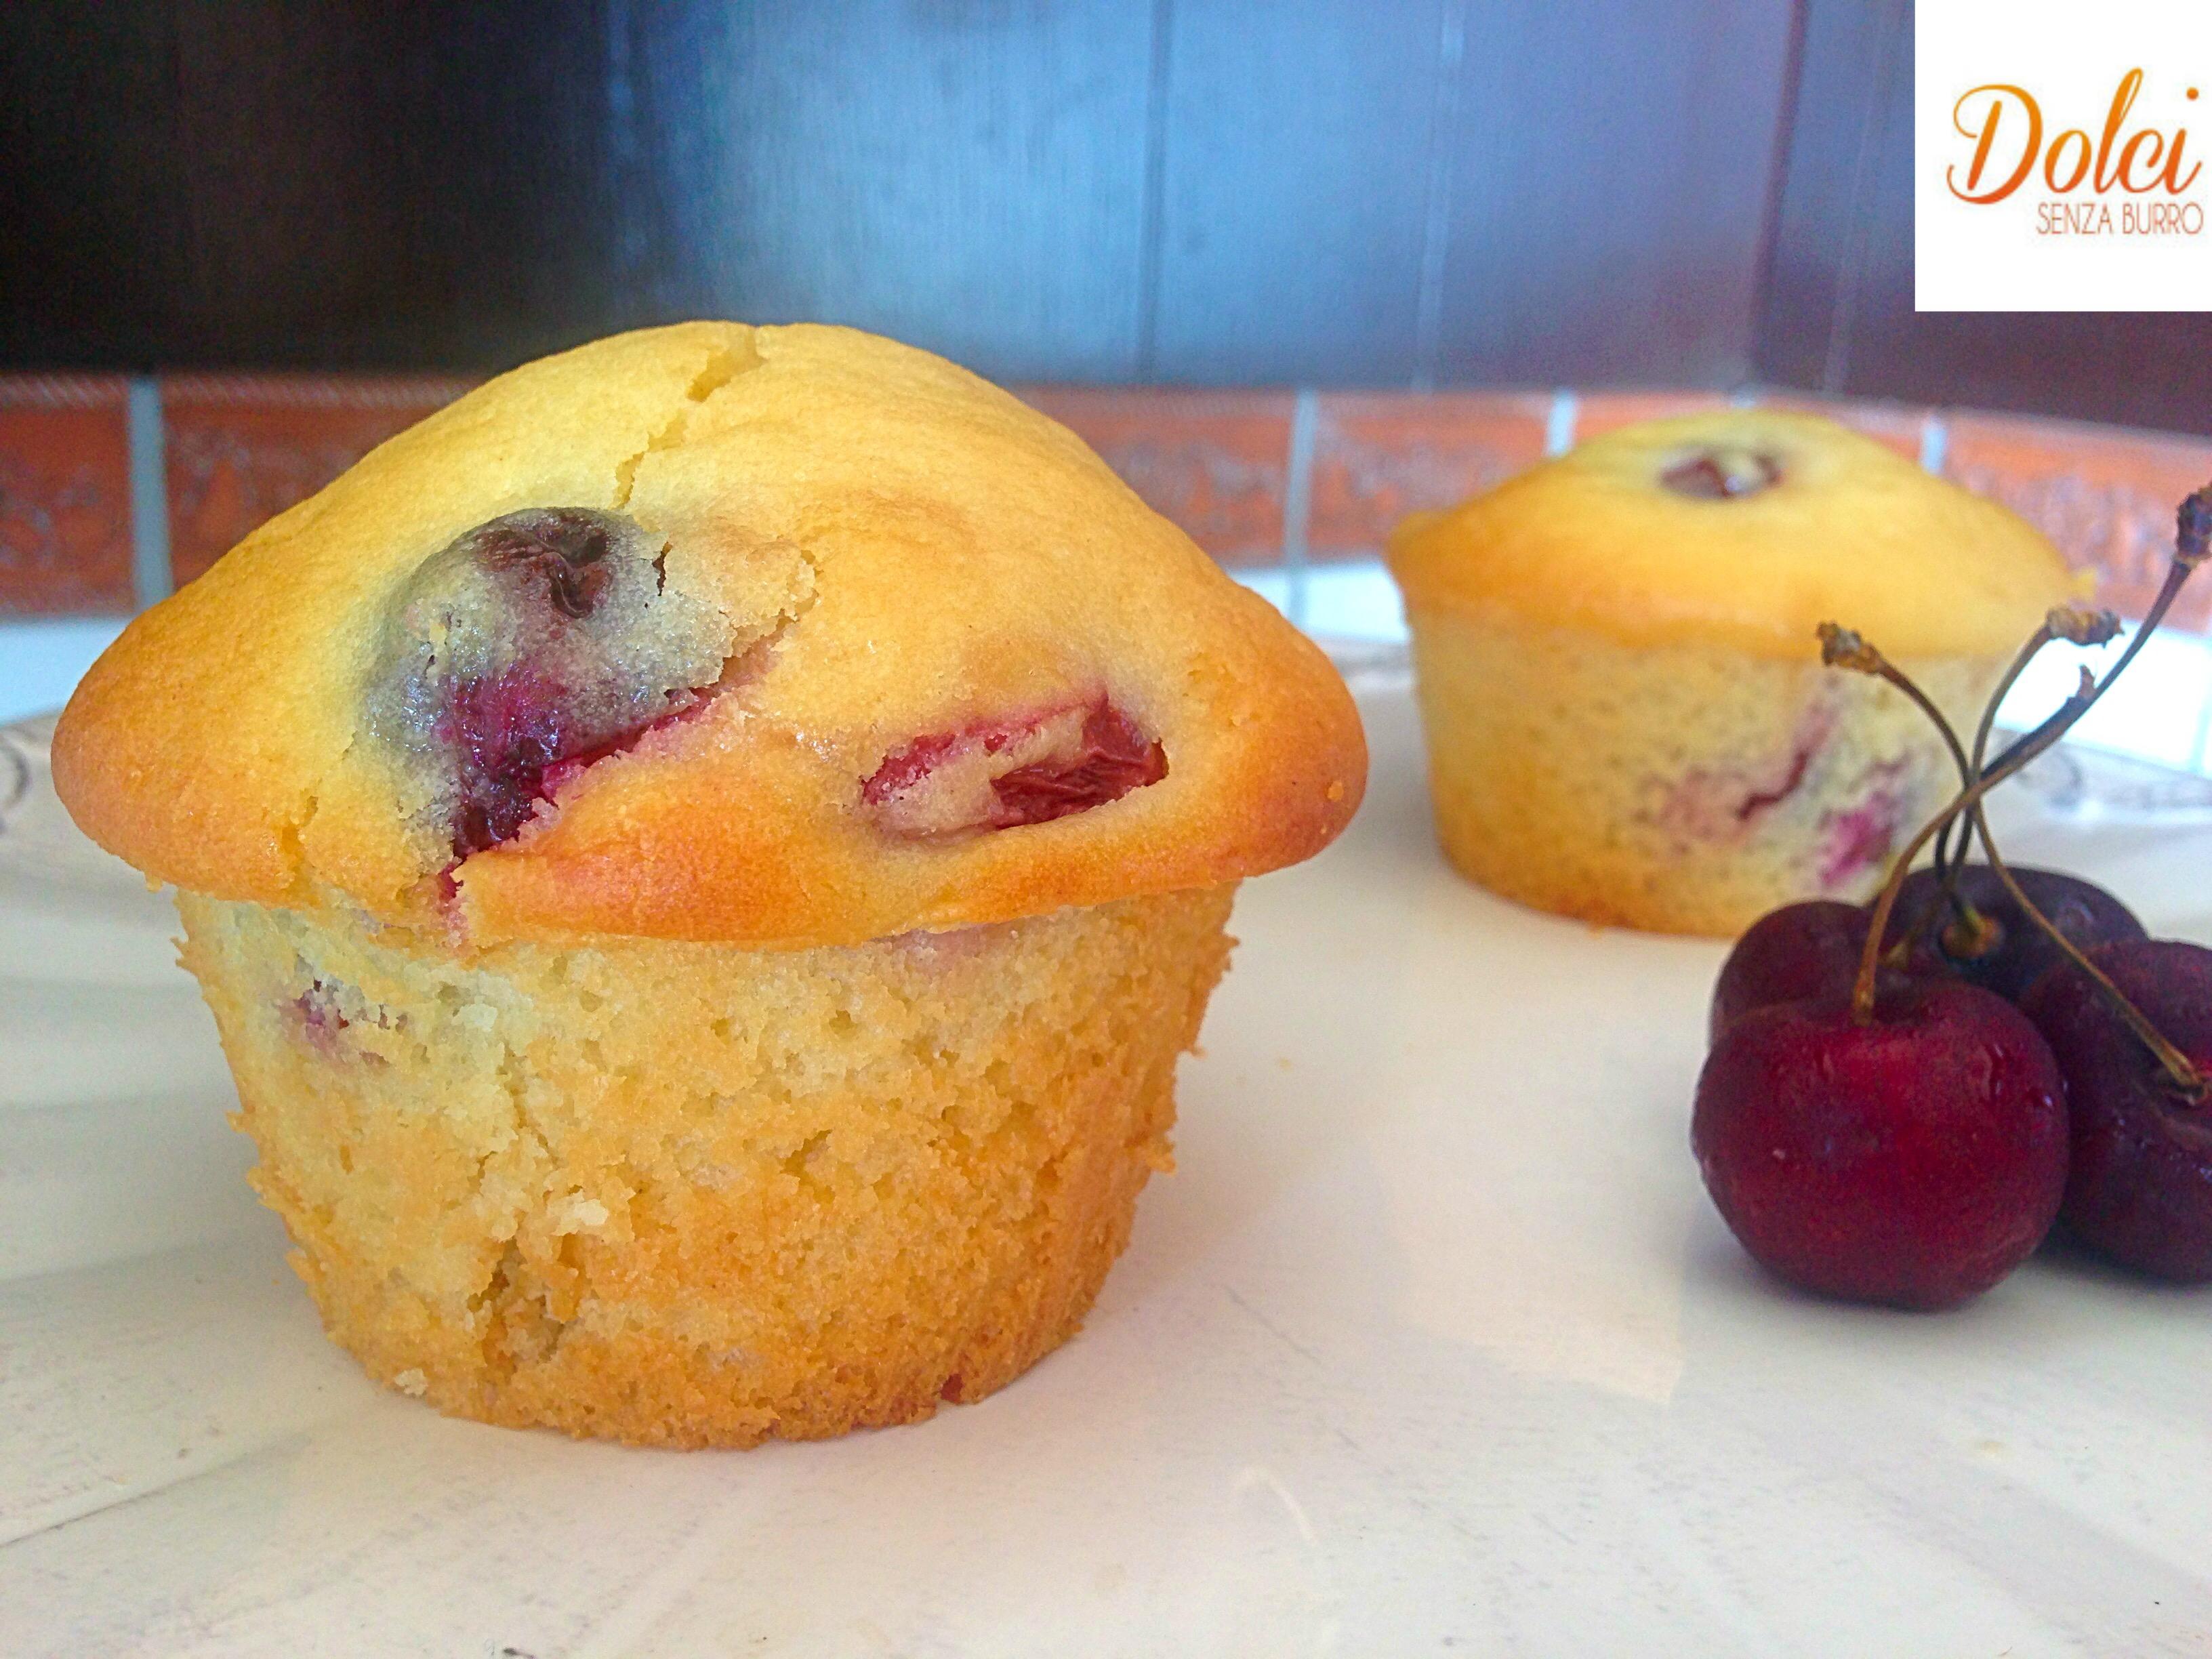 Muffin alle Ciliegie Senza Burro, il dolce goloso senza lattosio di dolci senza burro